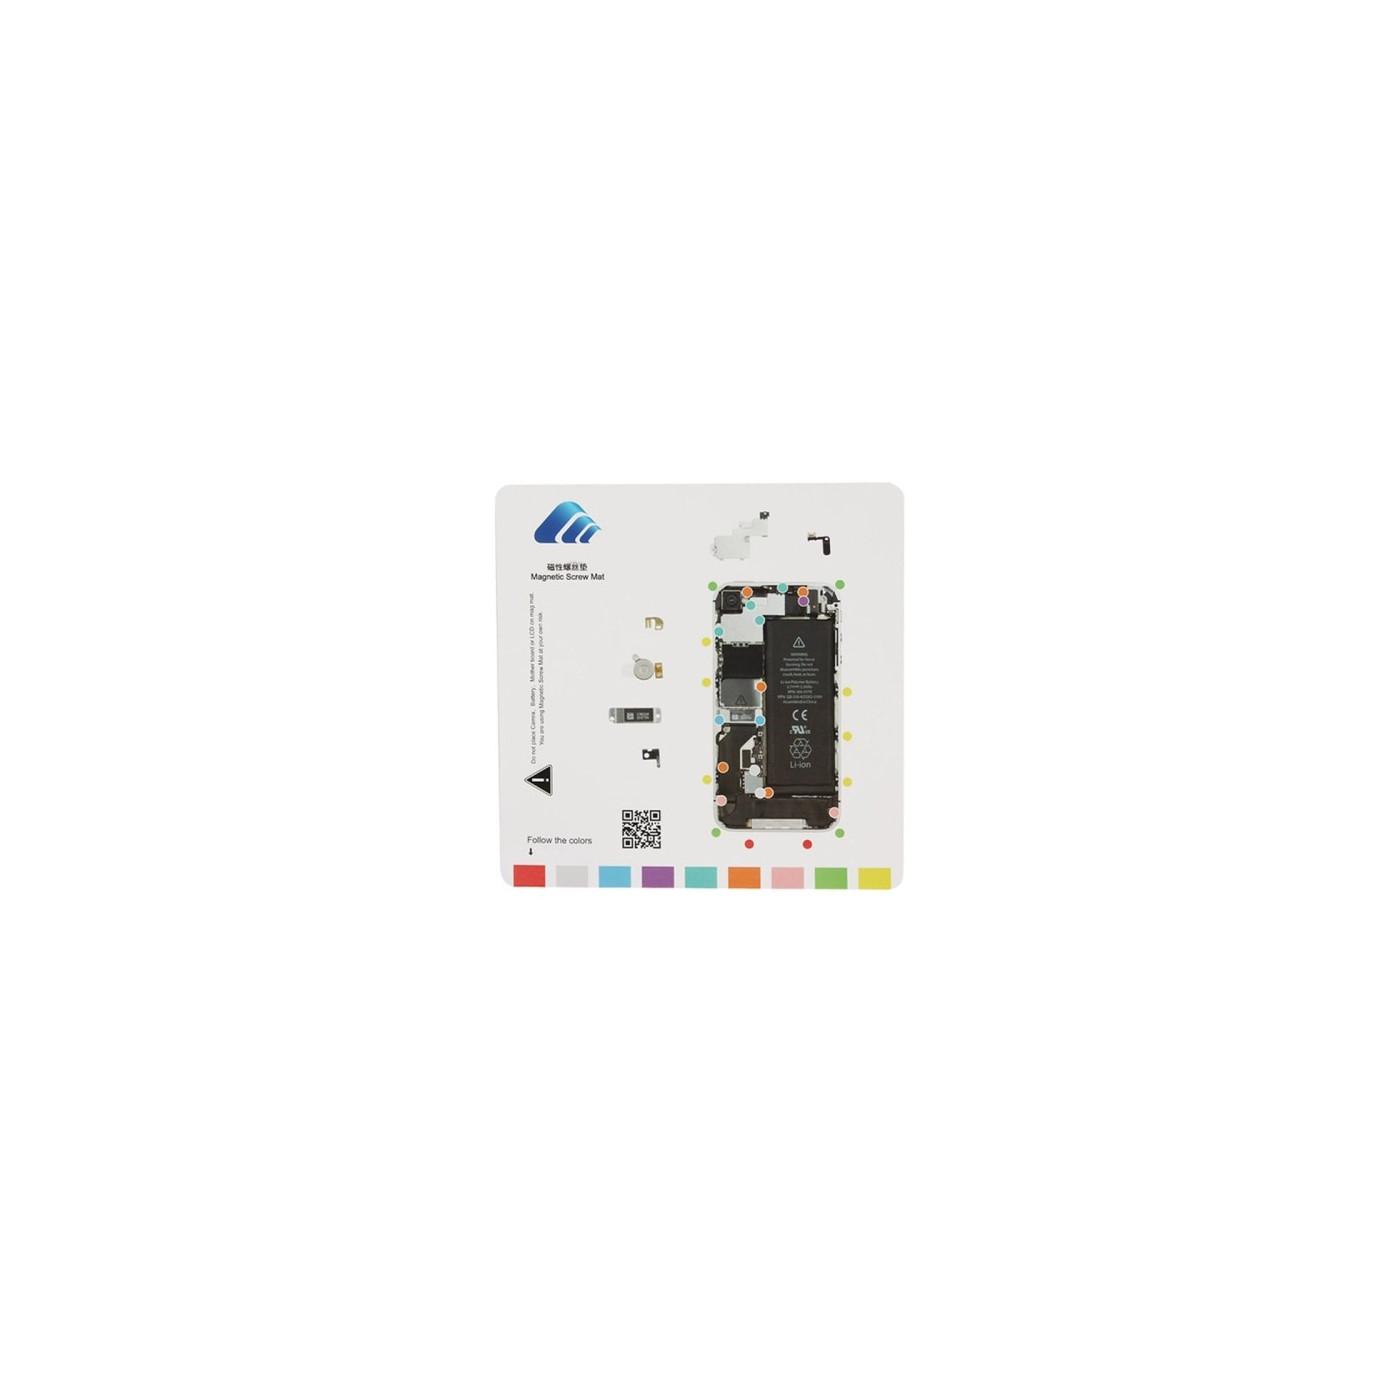 Tapis de réparation magnétique pour iPhone 4s mat 20 cm x 20 cm mat